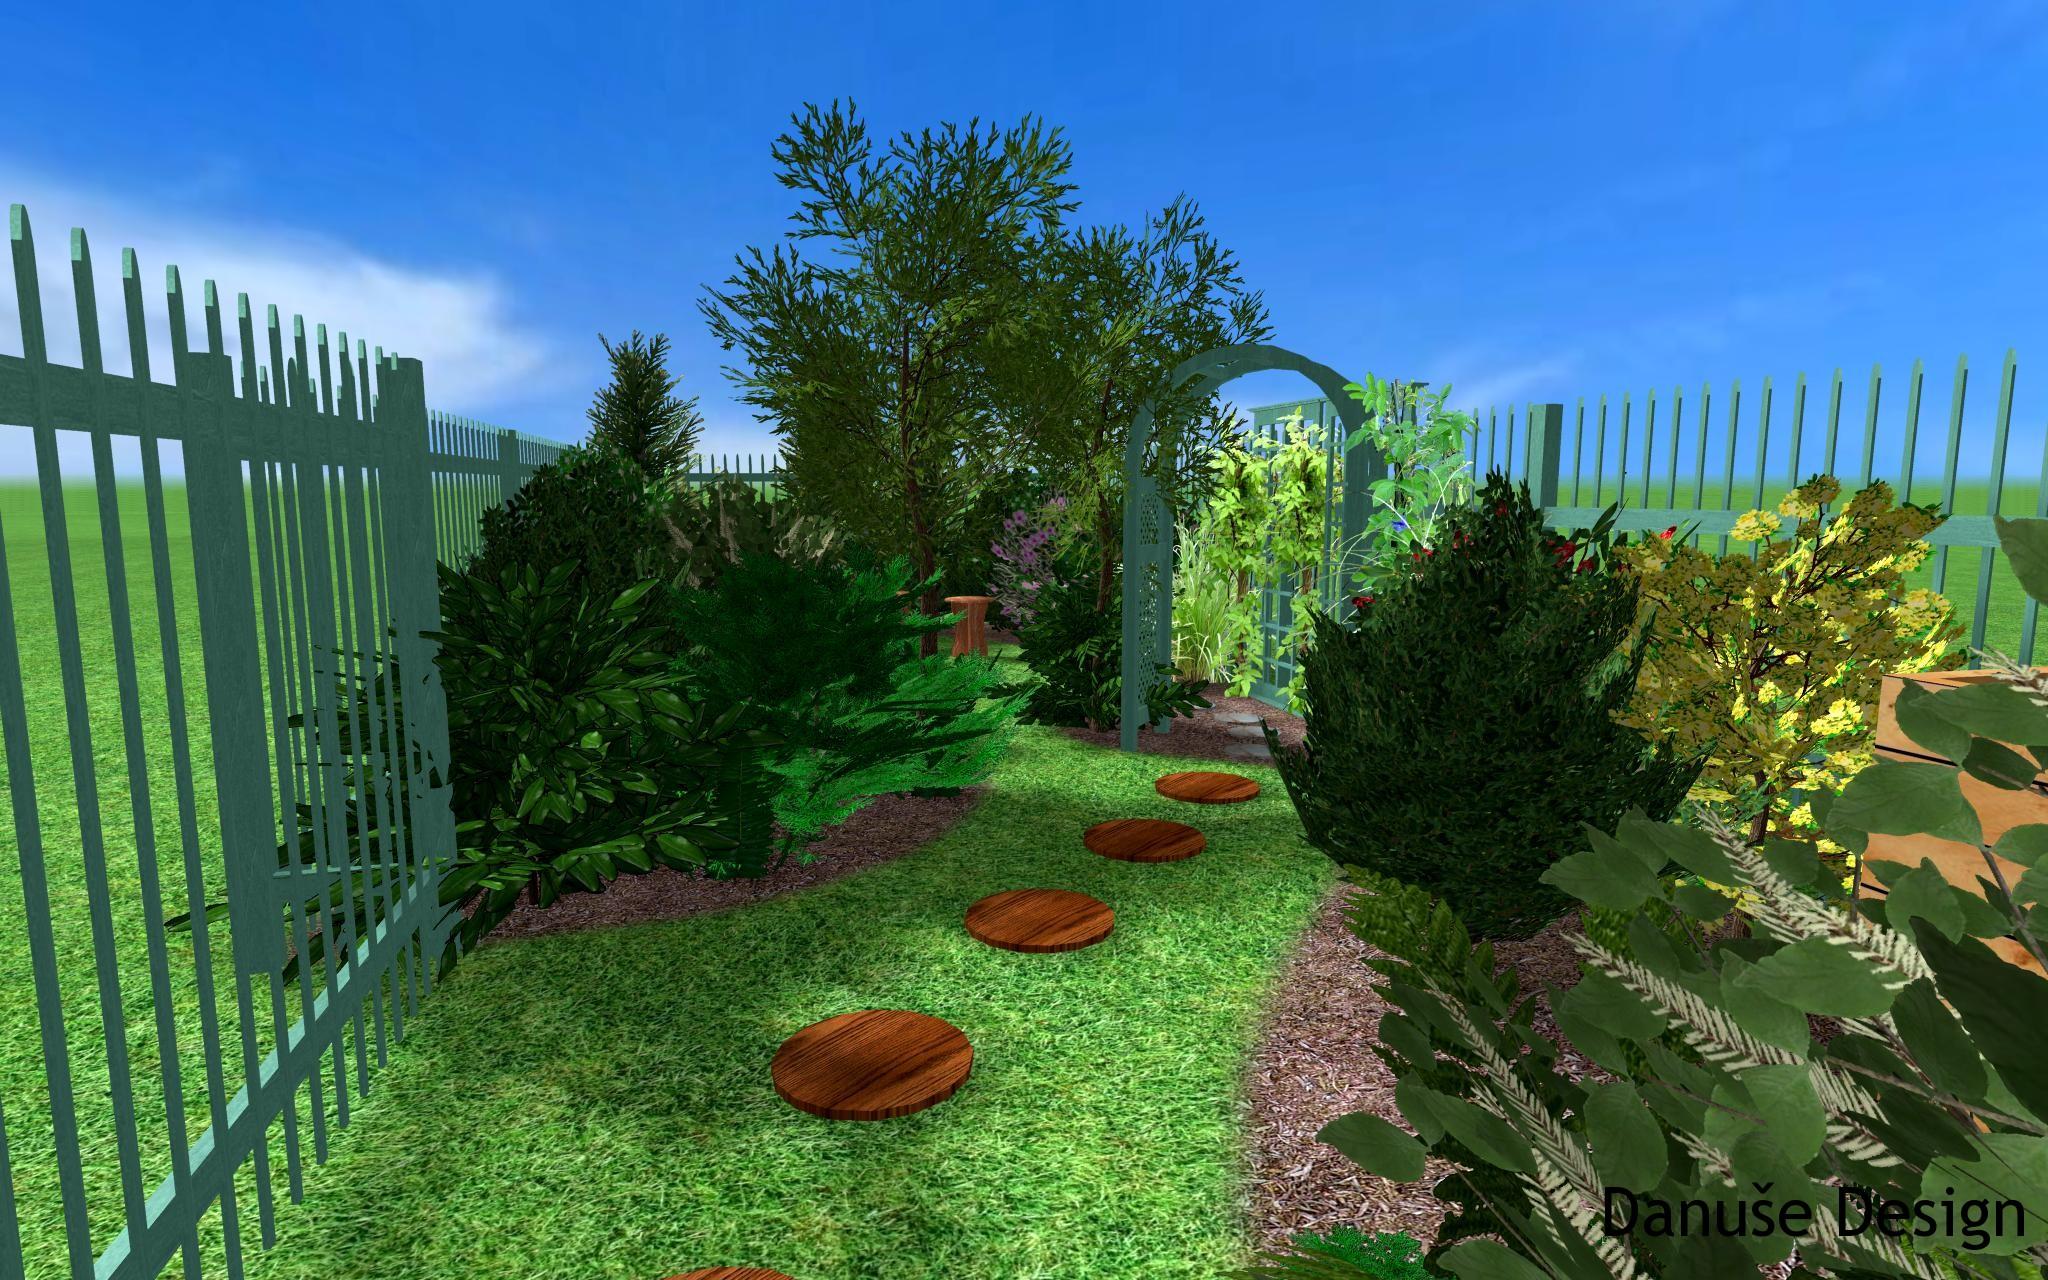 Zahrada s podzemní nádrží23